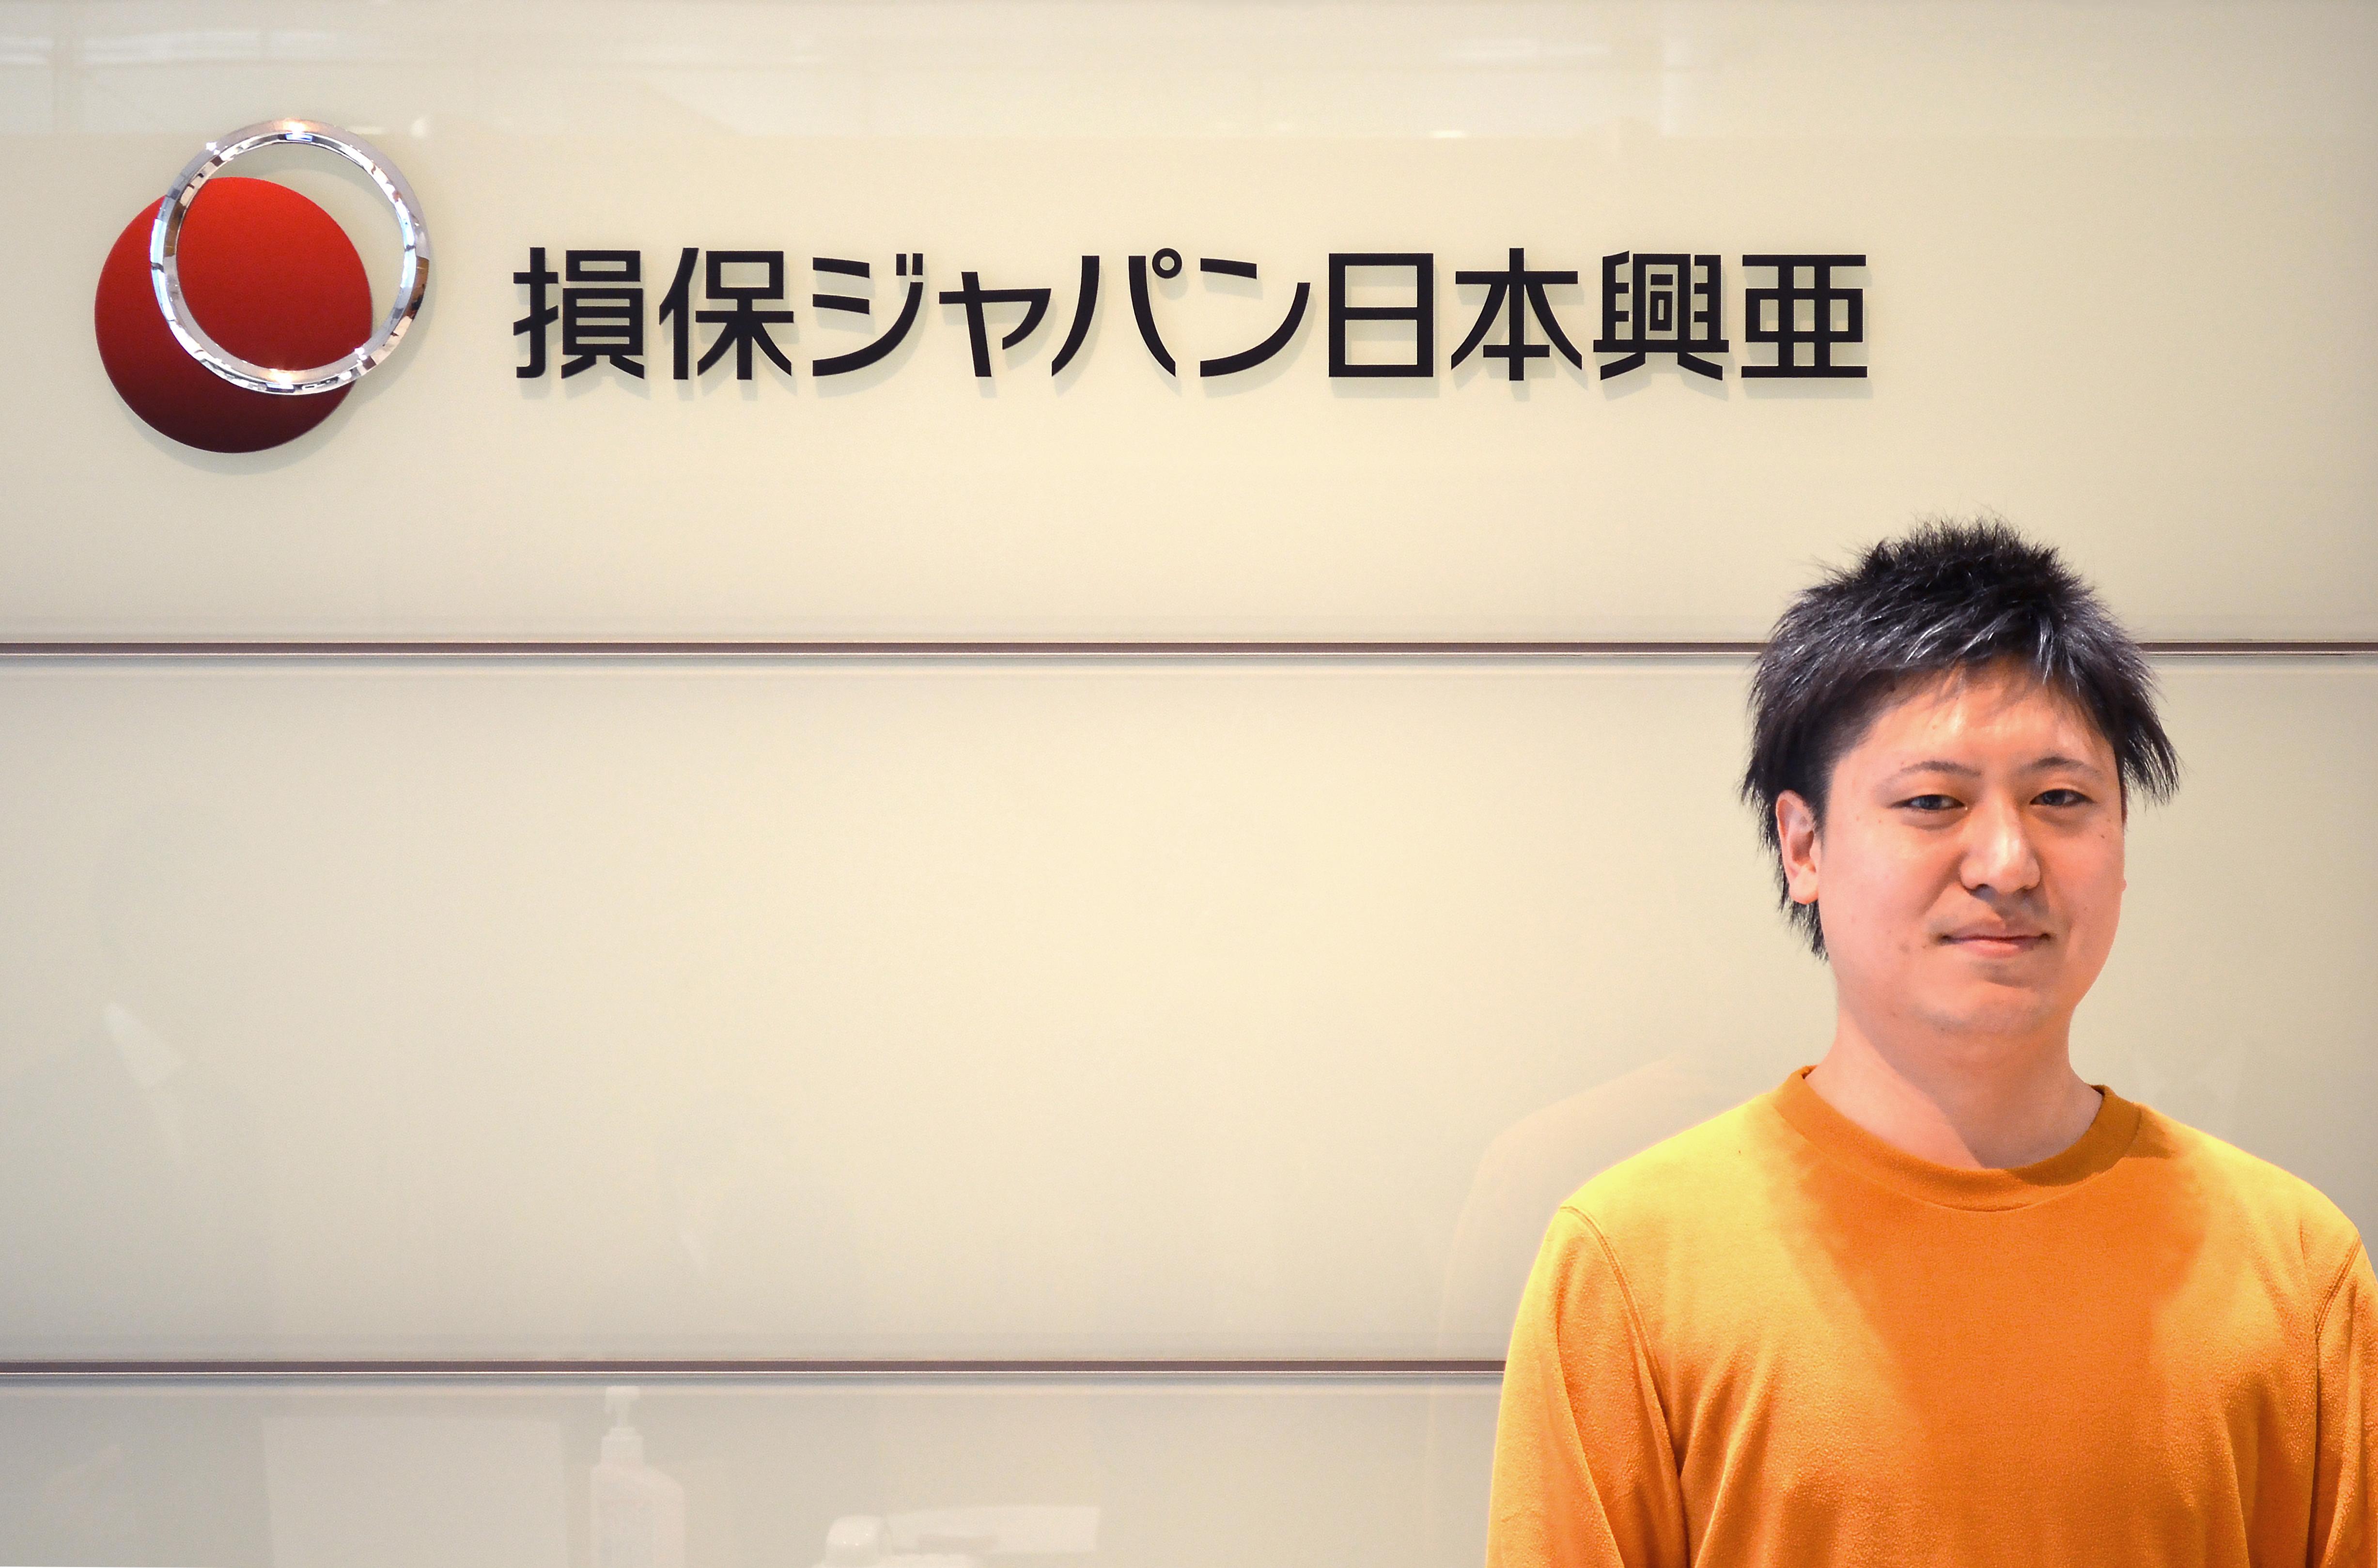 損保ジャパン日本興亜アイキャッチ